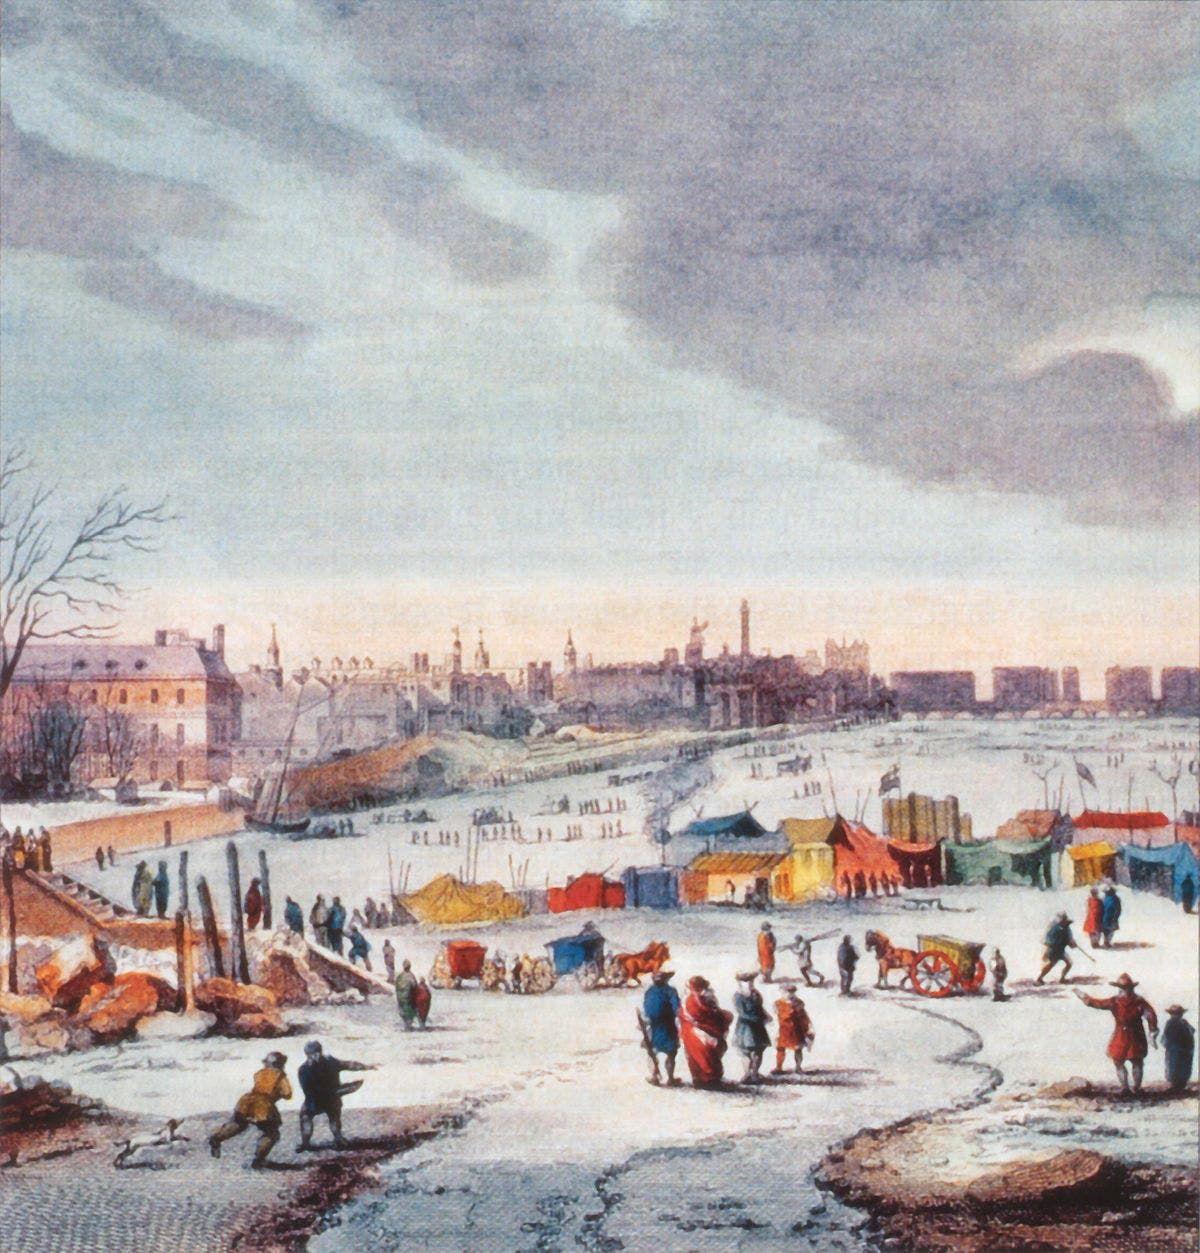 لوحة تجسد تجمد نهر التيمز بلندن